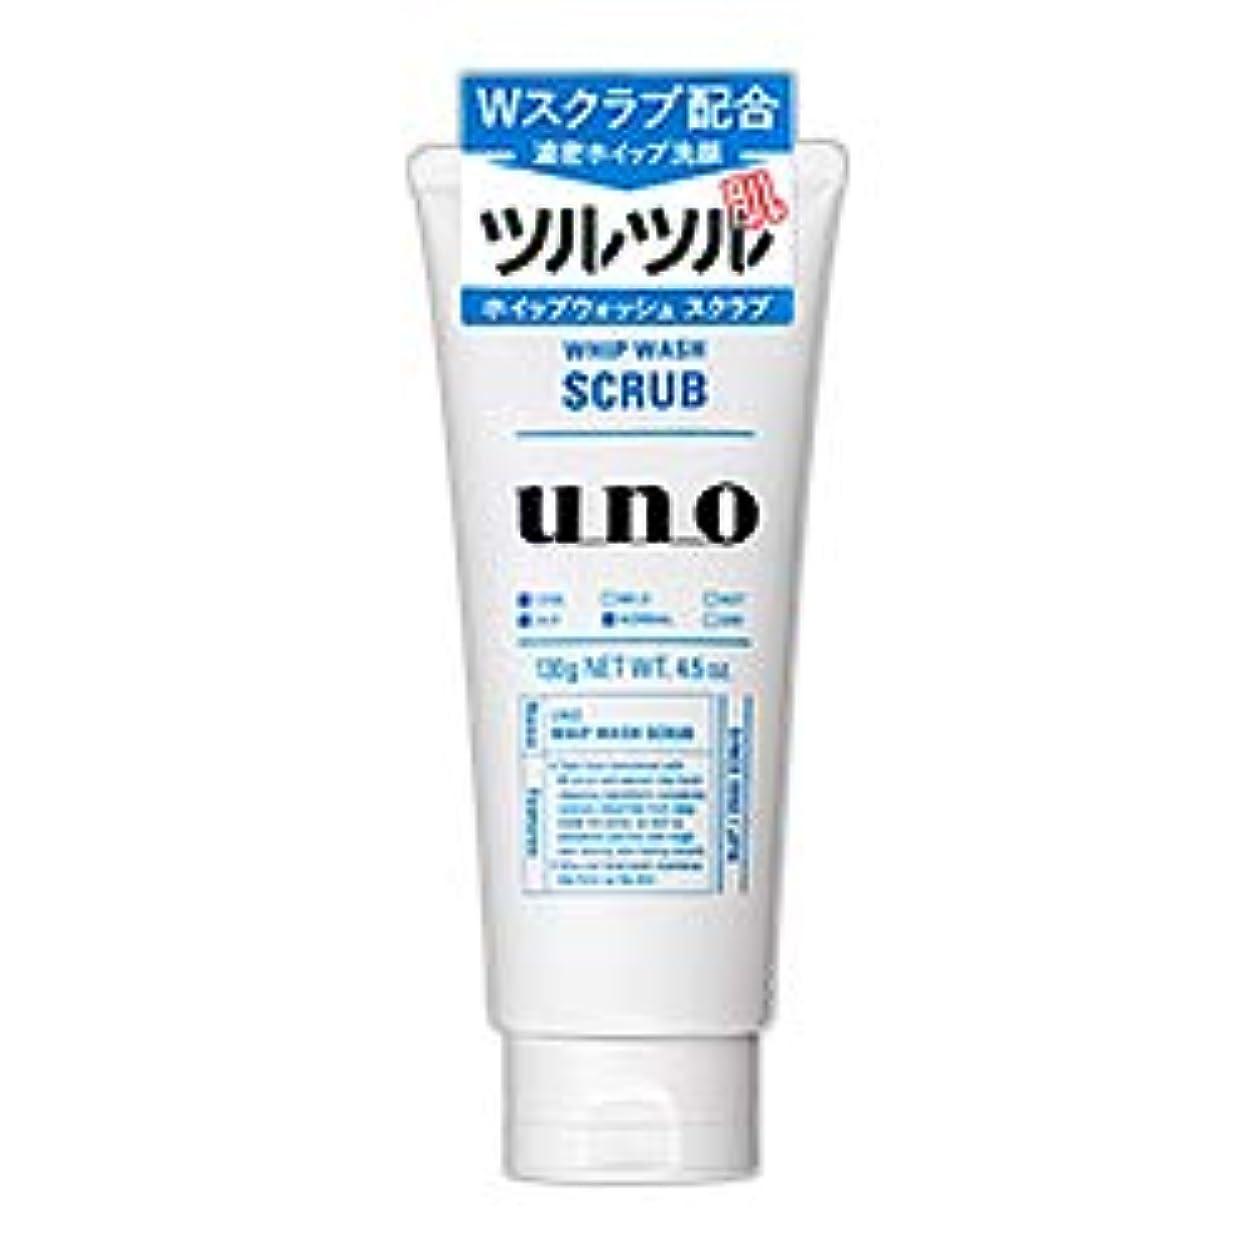 学ぶ多様性裁定【資生堂】ウーノ(uno) ホイップウォッシュ (スクラブ) 130g ×4個セット